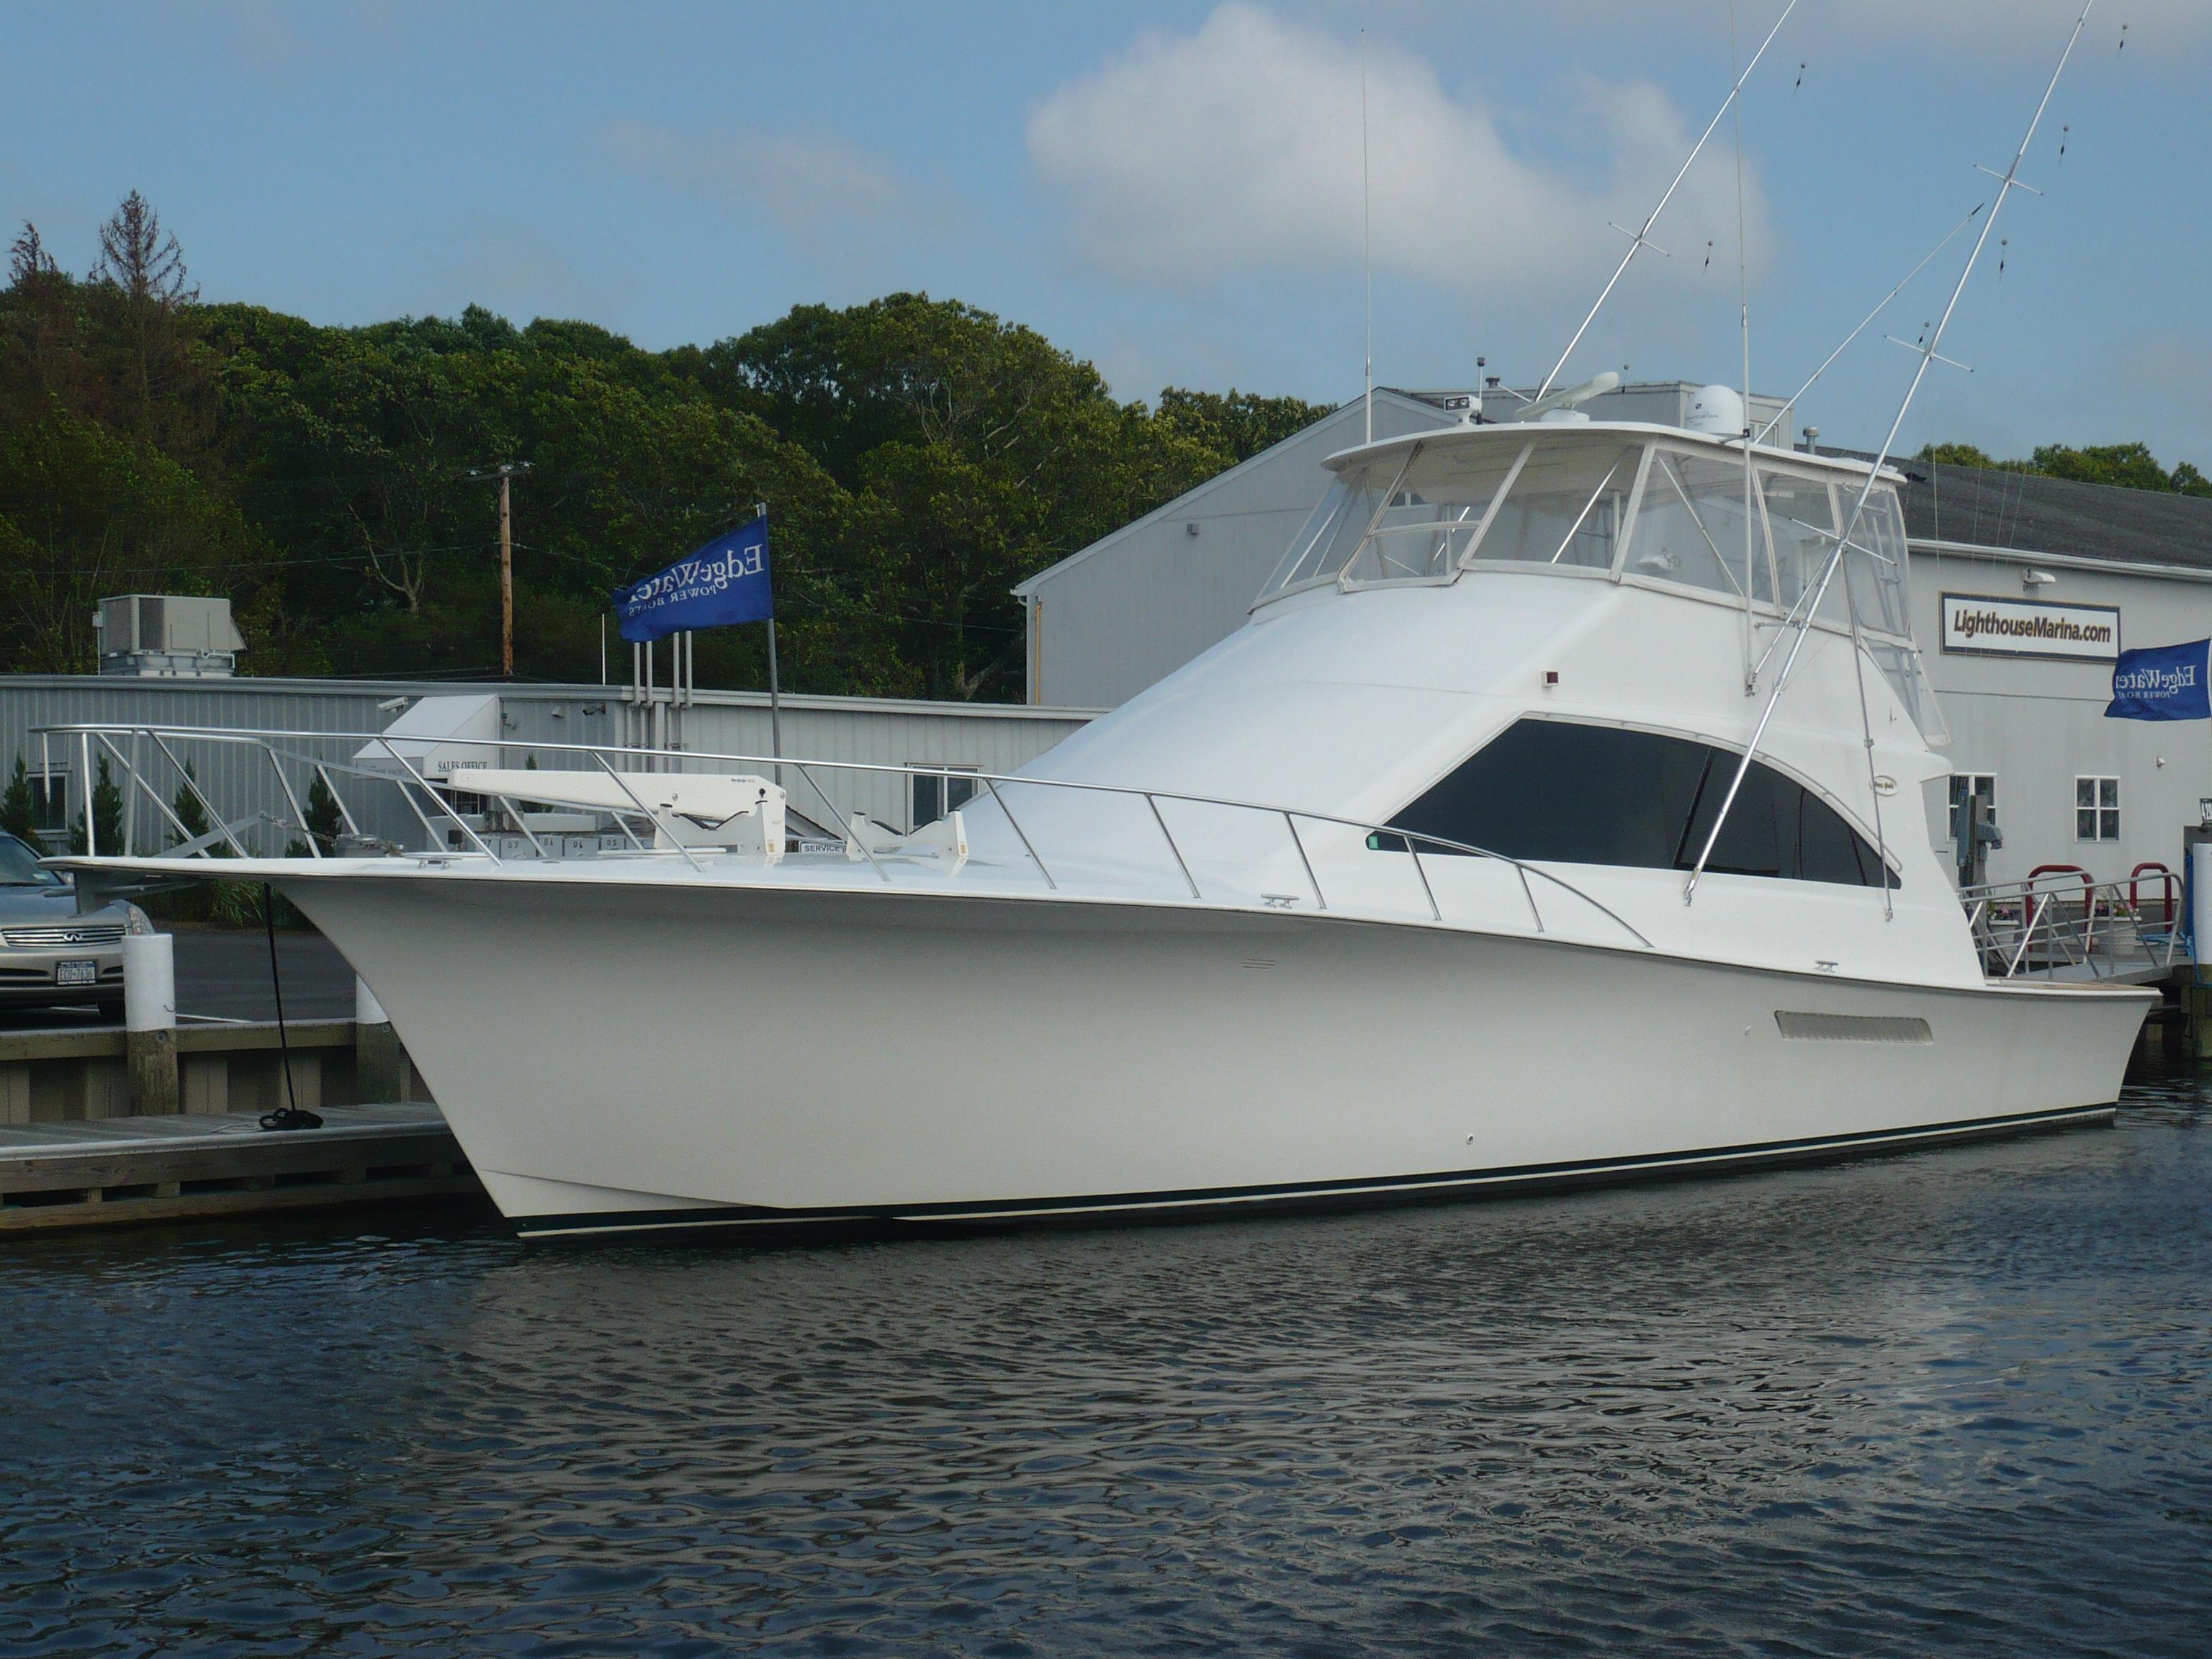 Ocean Yachts 56 Super Sport, Aquebogue